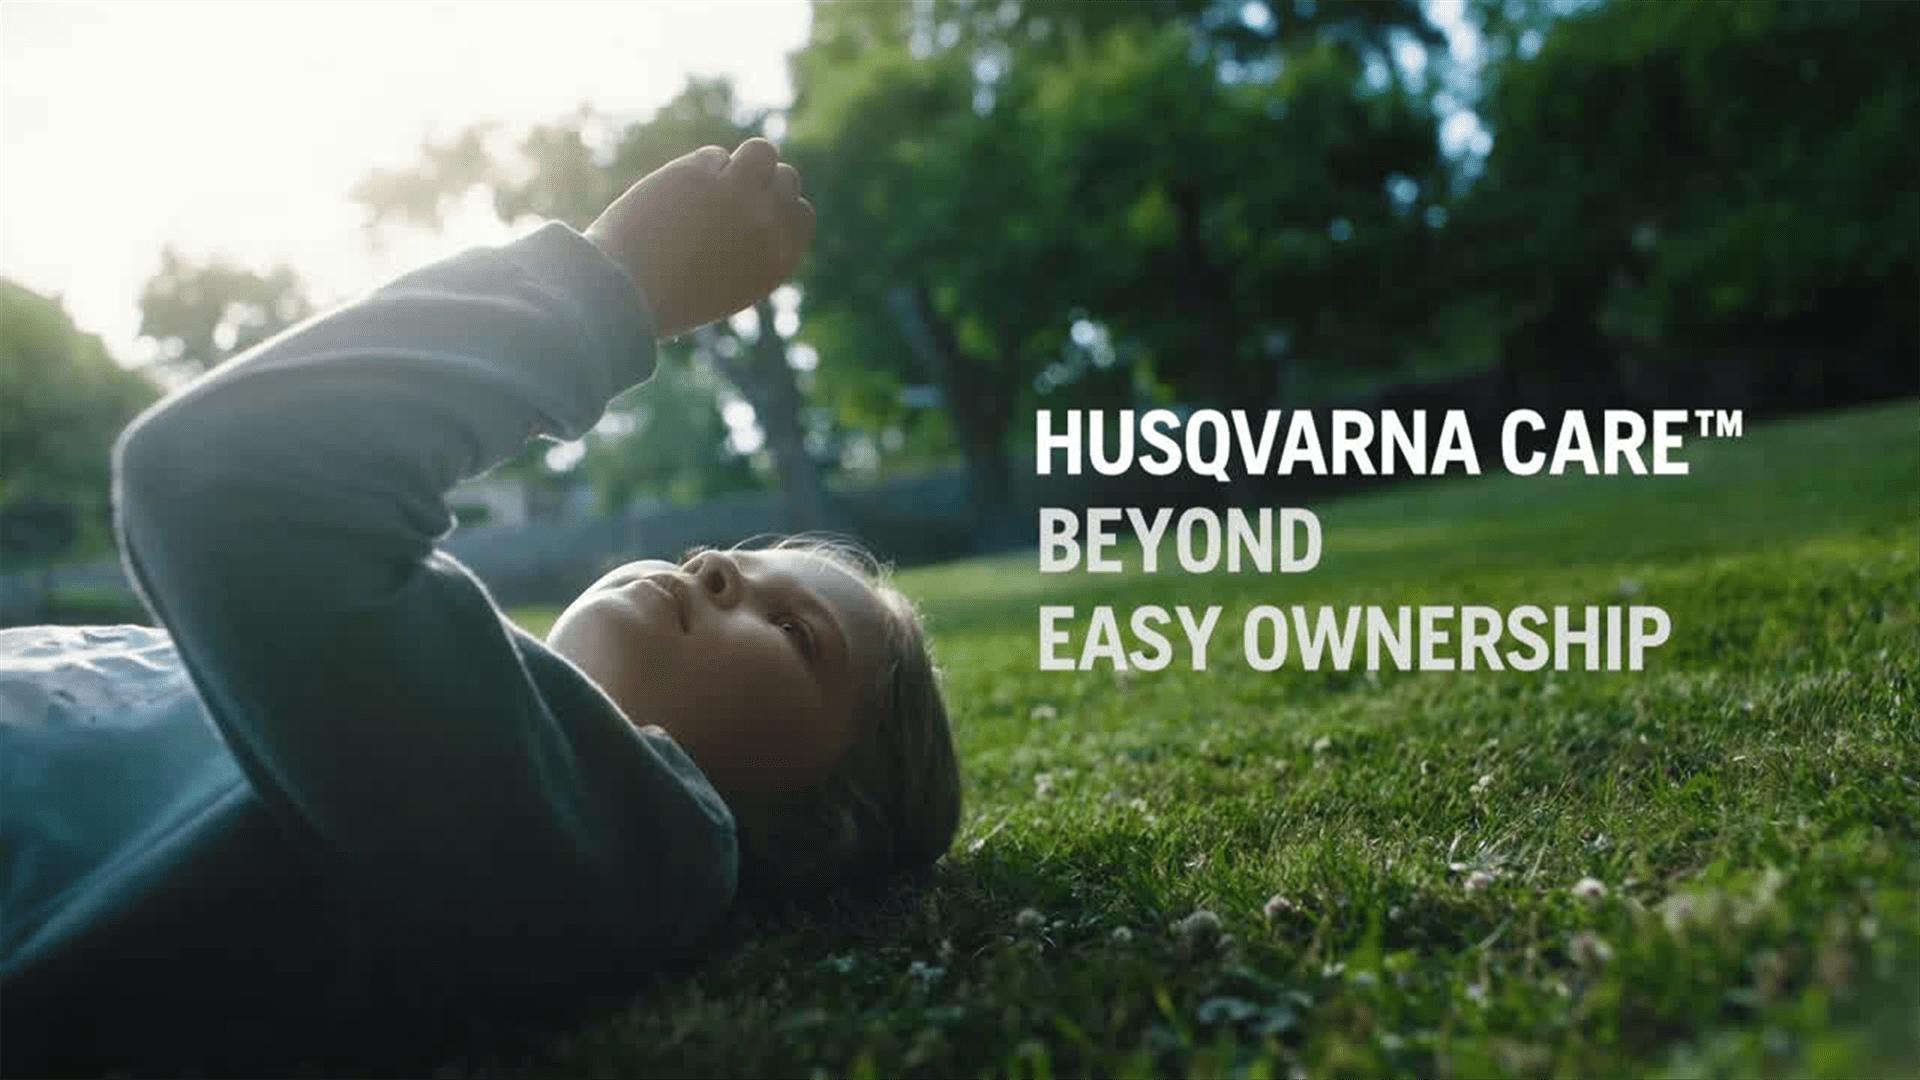 Husqvarna护理概念30s 16x9